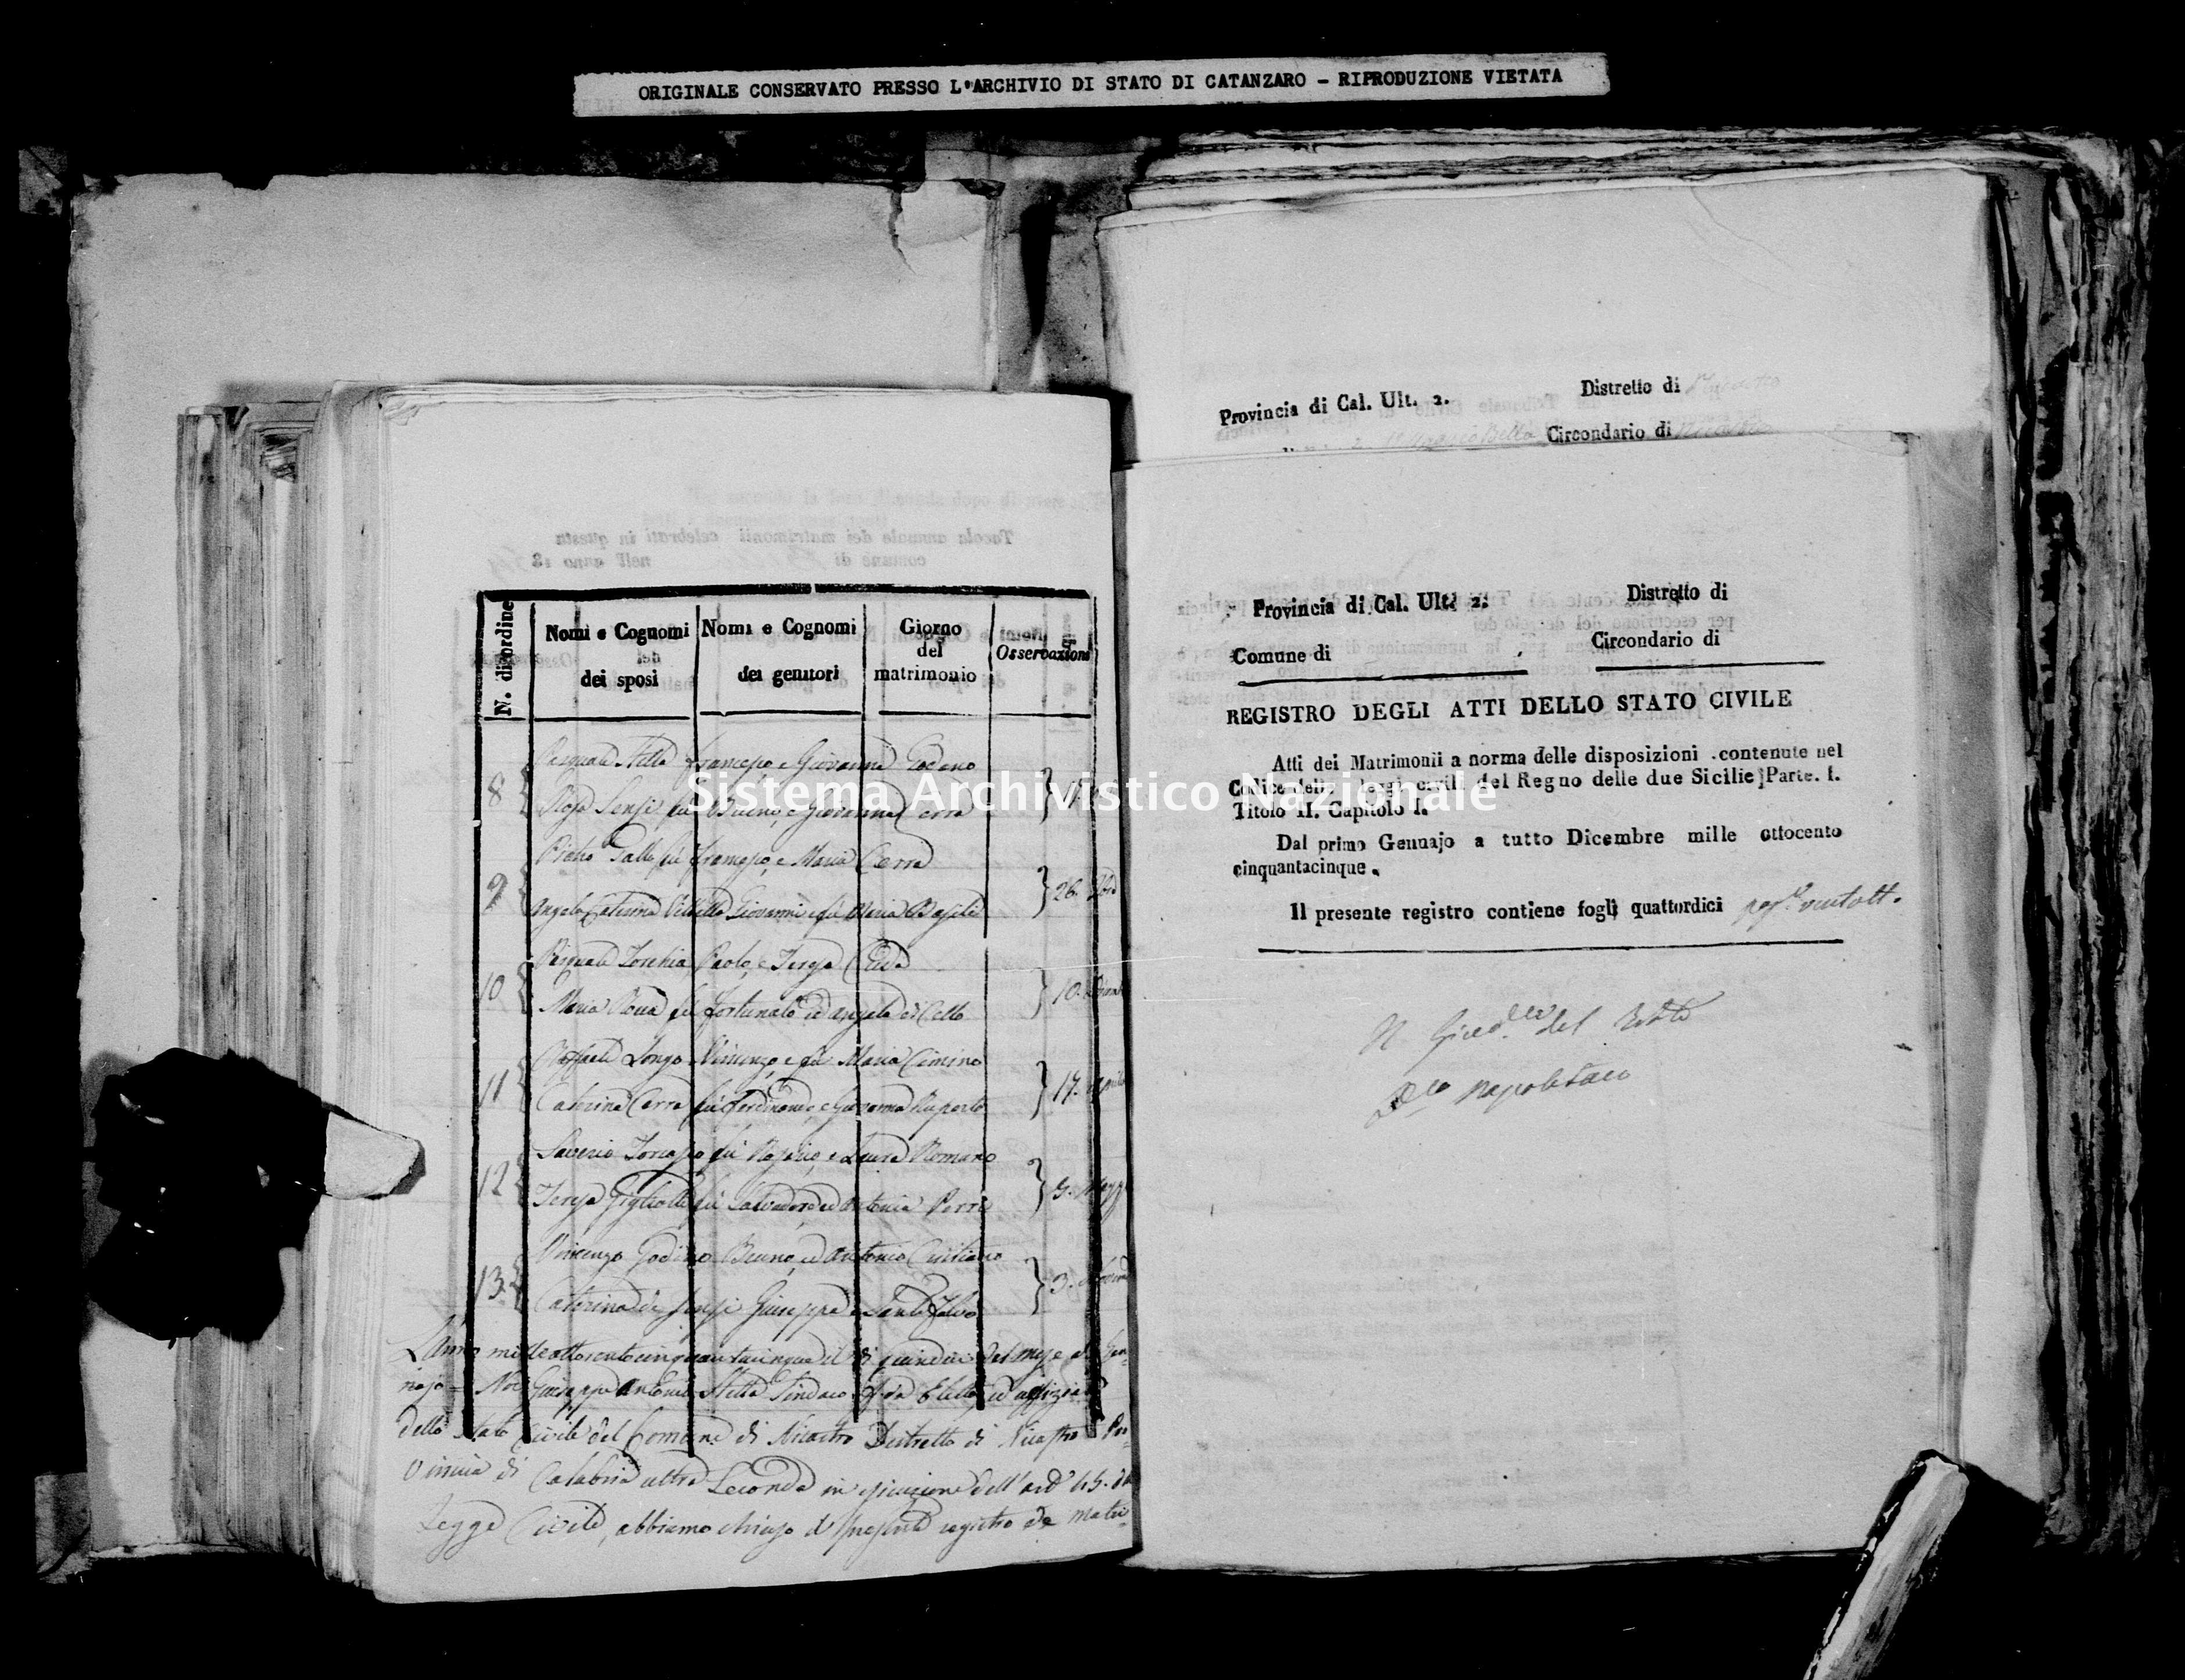 Archivio di stato di Catanzaro - Stato civile della restaurazione - Bella - Matrimoni - 1855 -